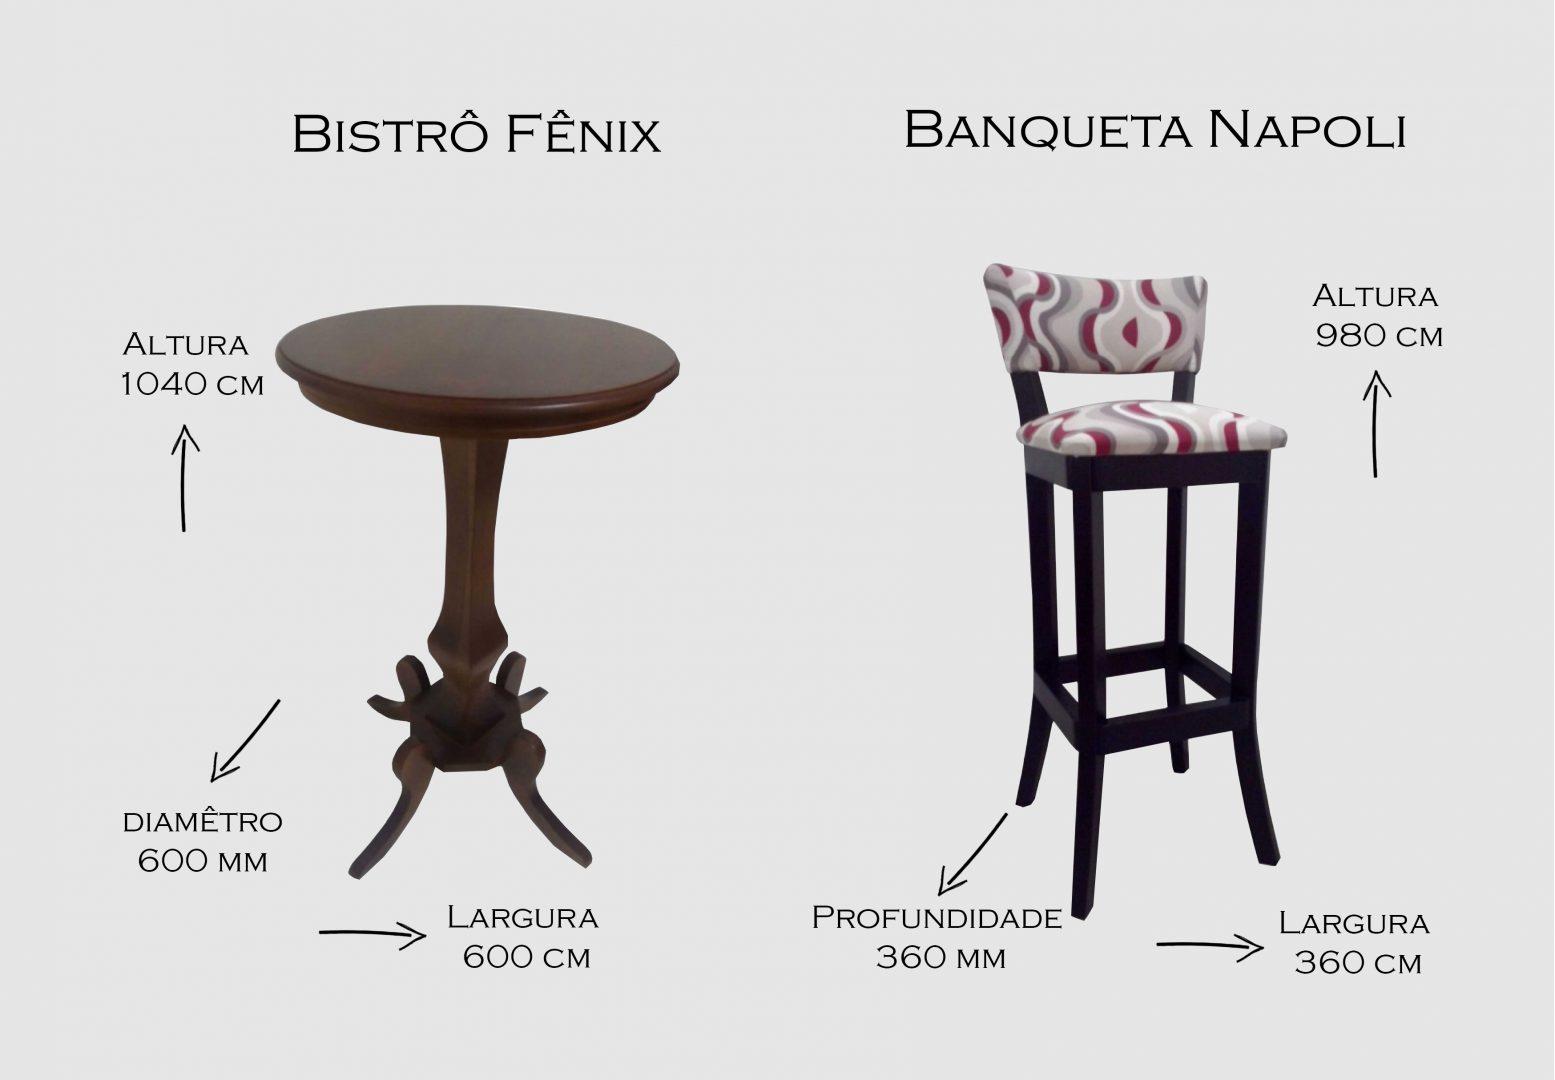 Banqueta_Napoli_e_Bistro_fênix